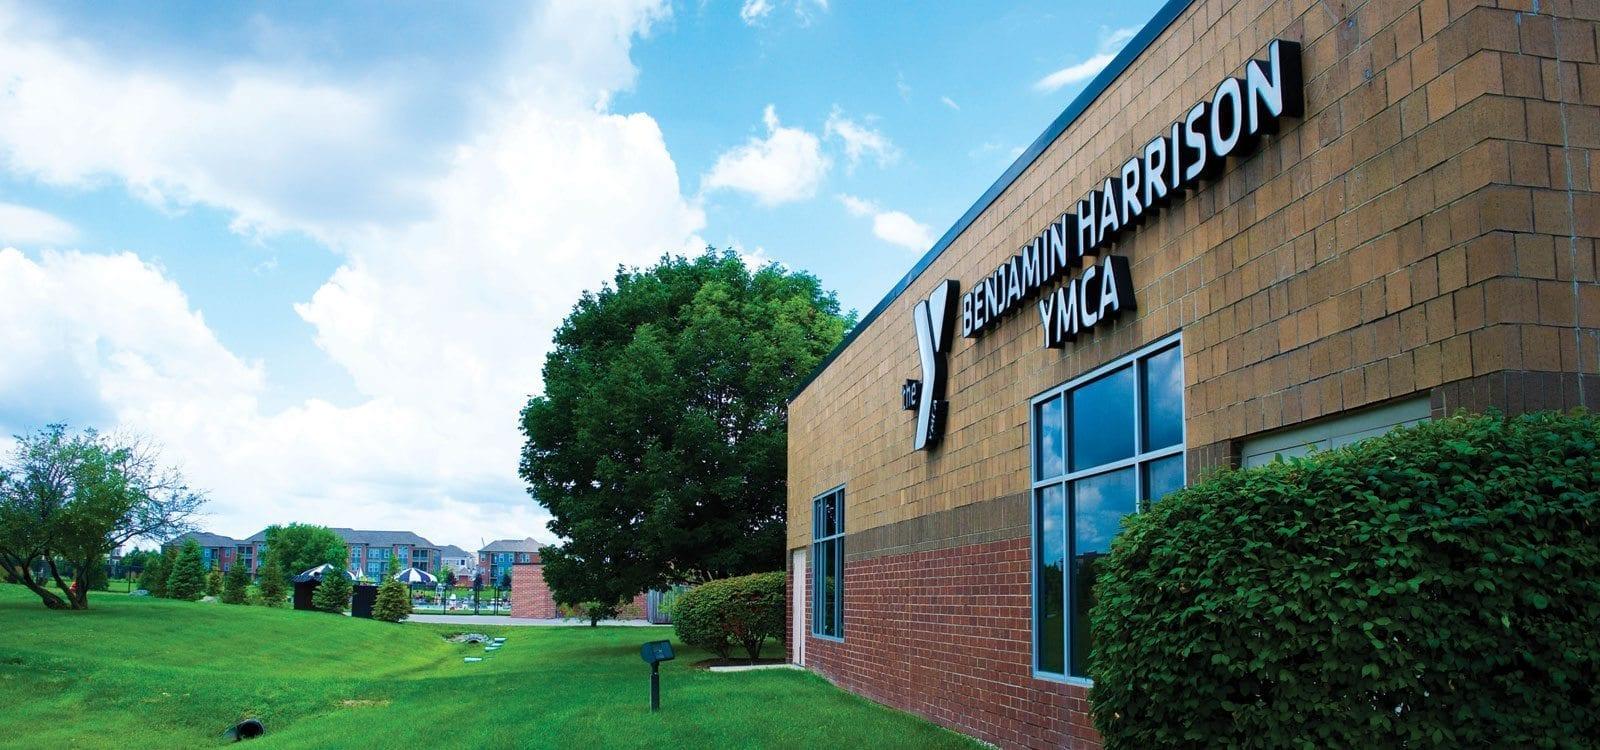 Benjamin Harrison YMCA   YMCA Centers   YMCA of Greater Indianapolis   YMCA Of Greater Indianapolis